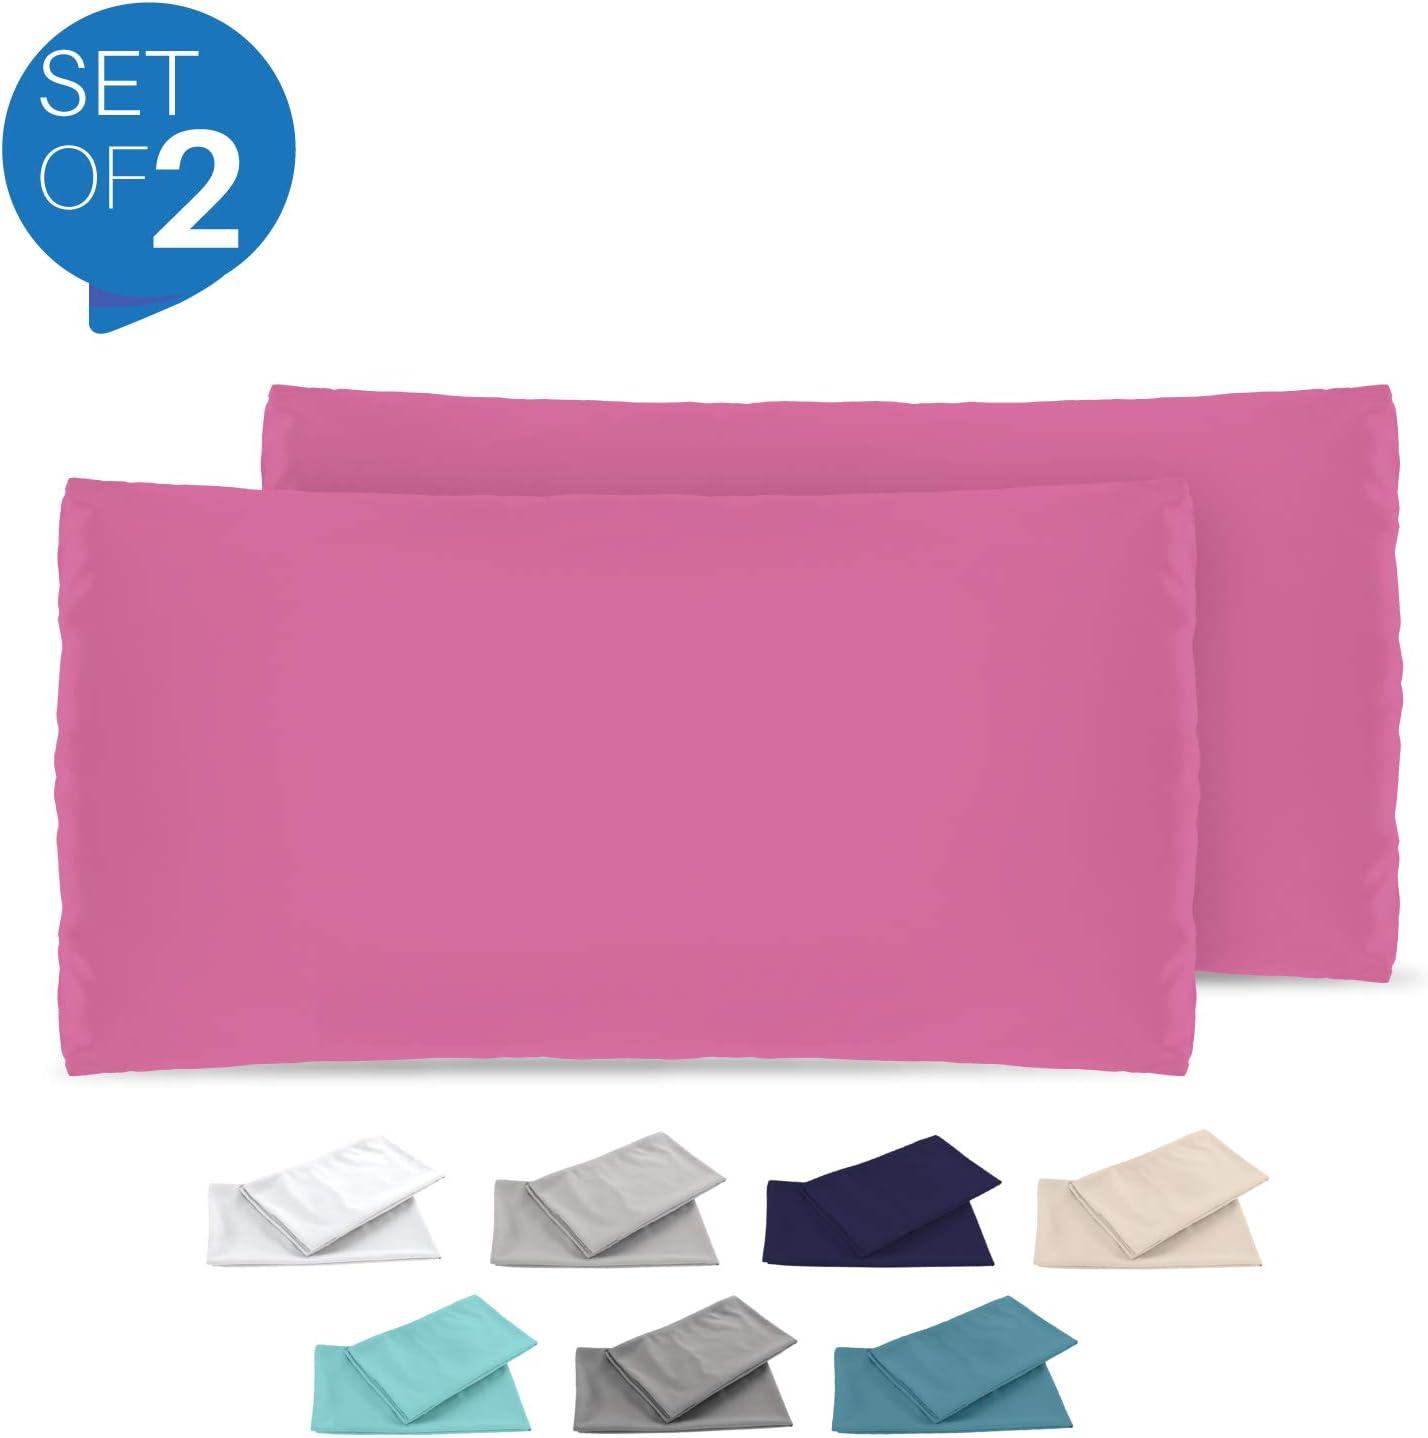 Dreamzie - Set de 2 x Funda de Almohada 40x80 cm, Rosa, Microfibra (100% Poliéster) - Fundas de Almohadas Hipoalergénica - Fundas de Cojines de Calidad con una Suavidad Incomparable